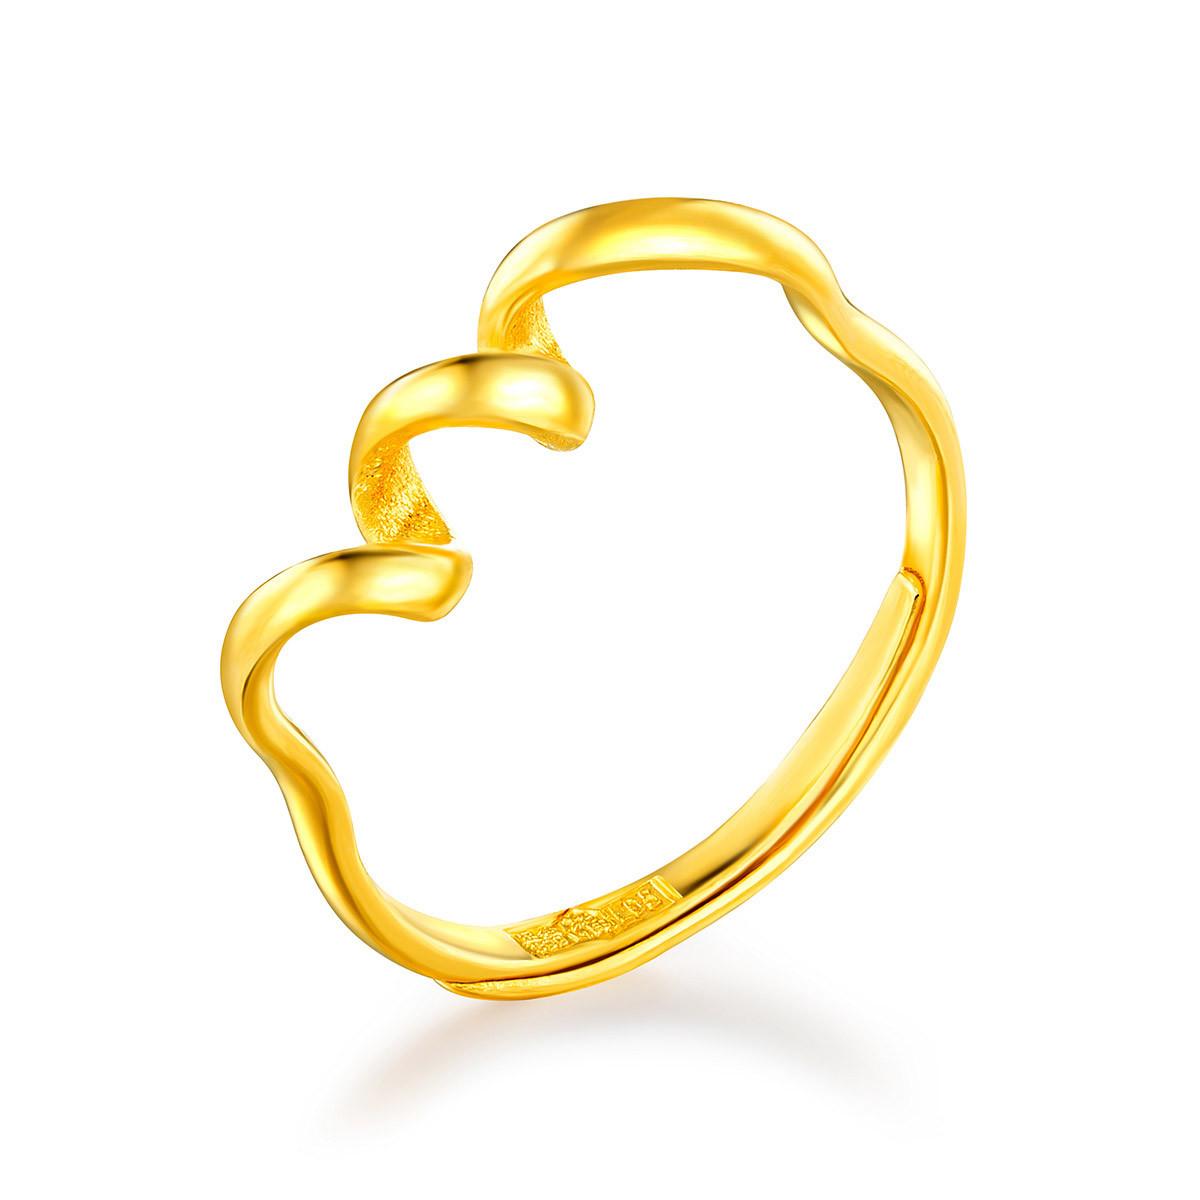 六福珠宝六福珠宝 足金丝带黄金戒指女戒 (计价)L05TBGR0006